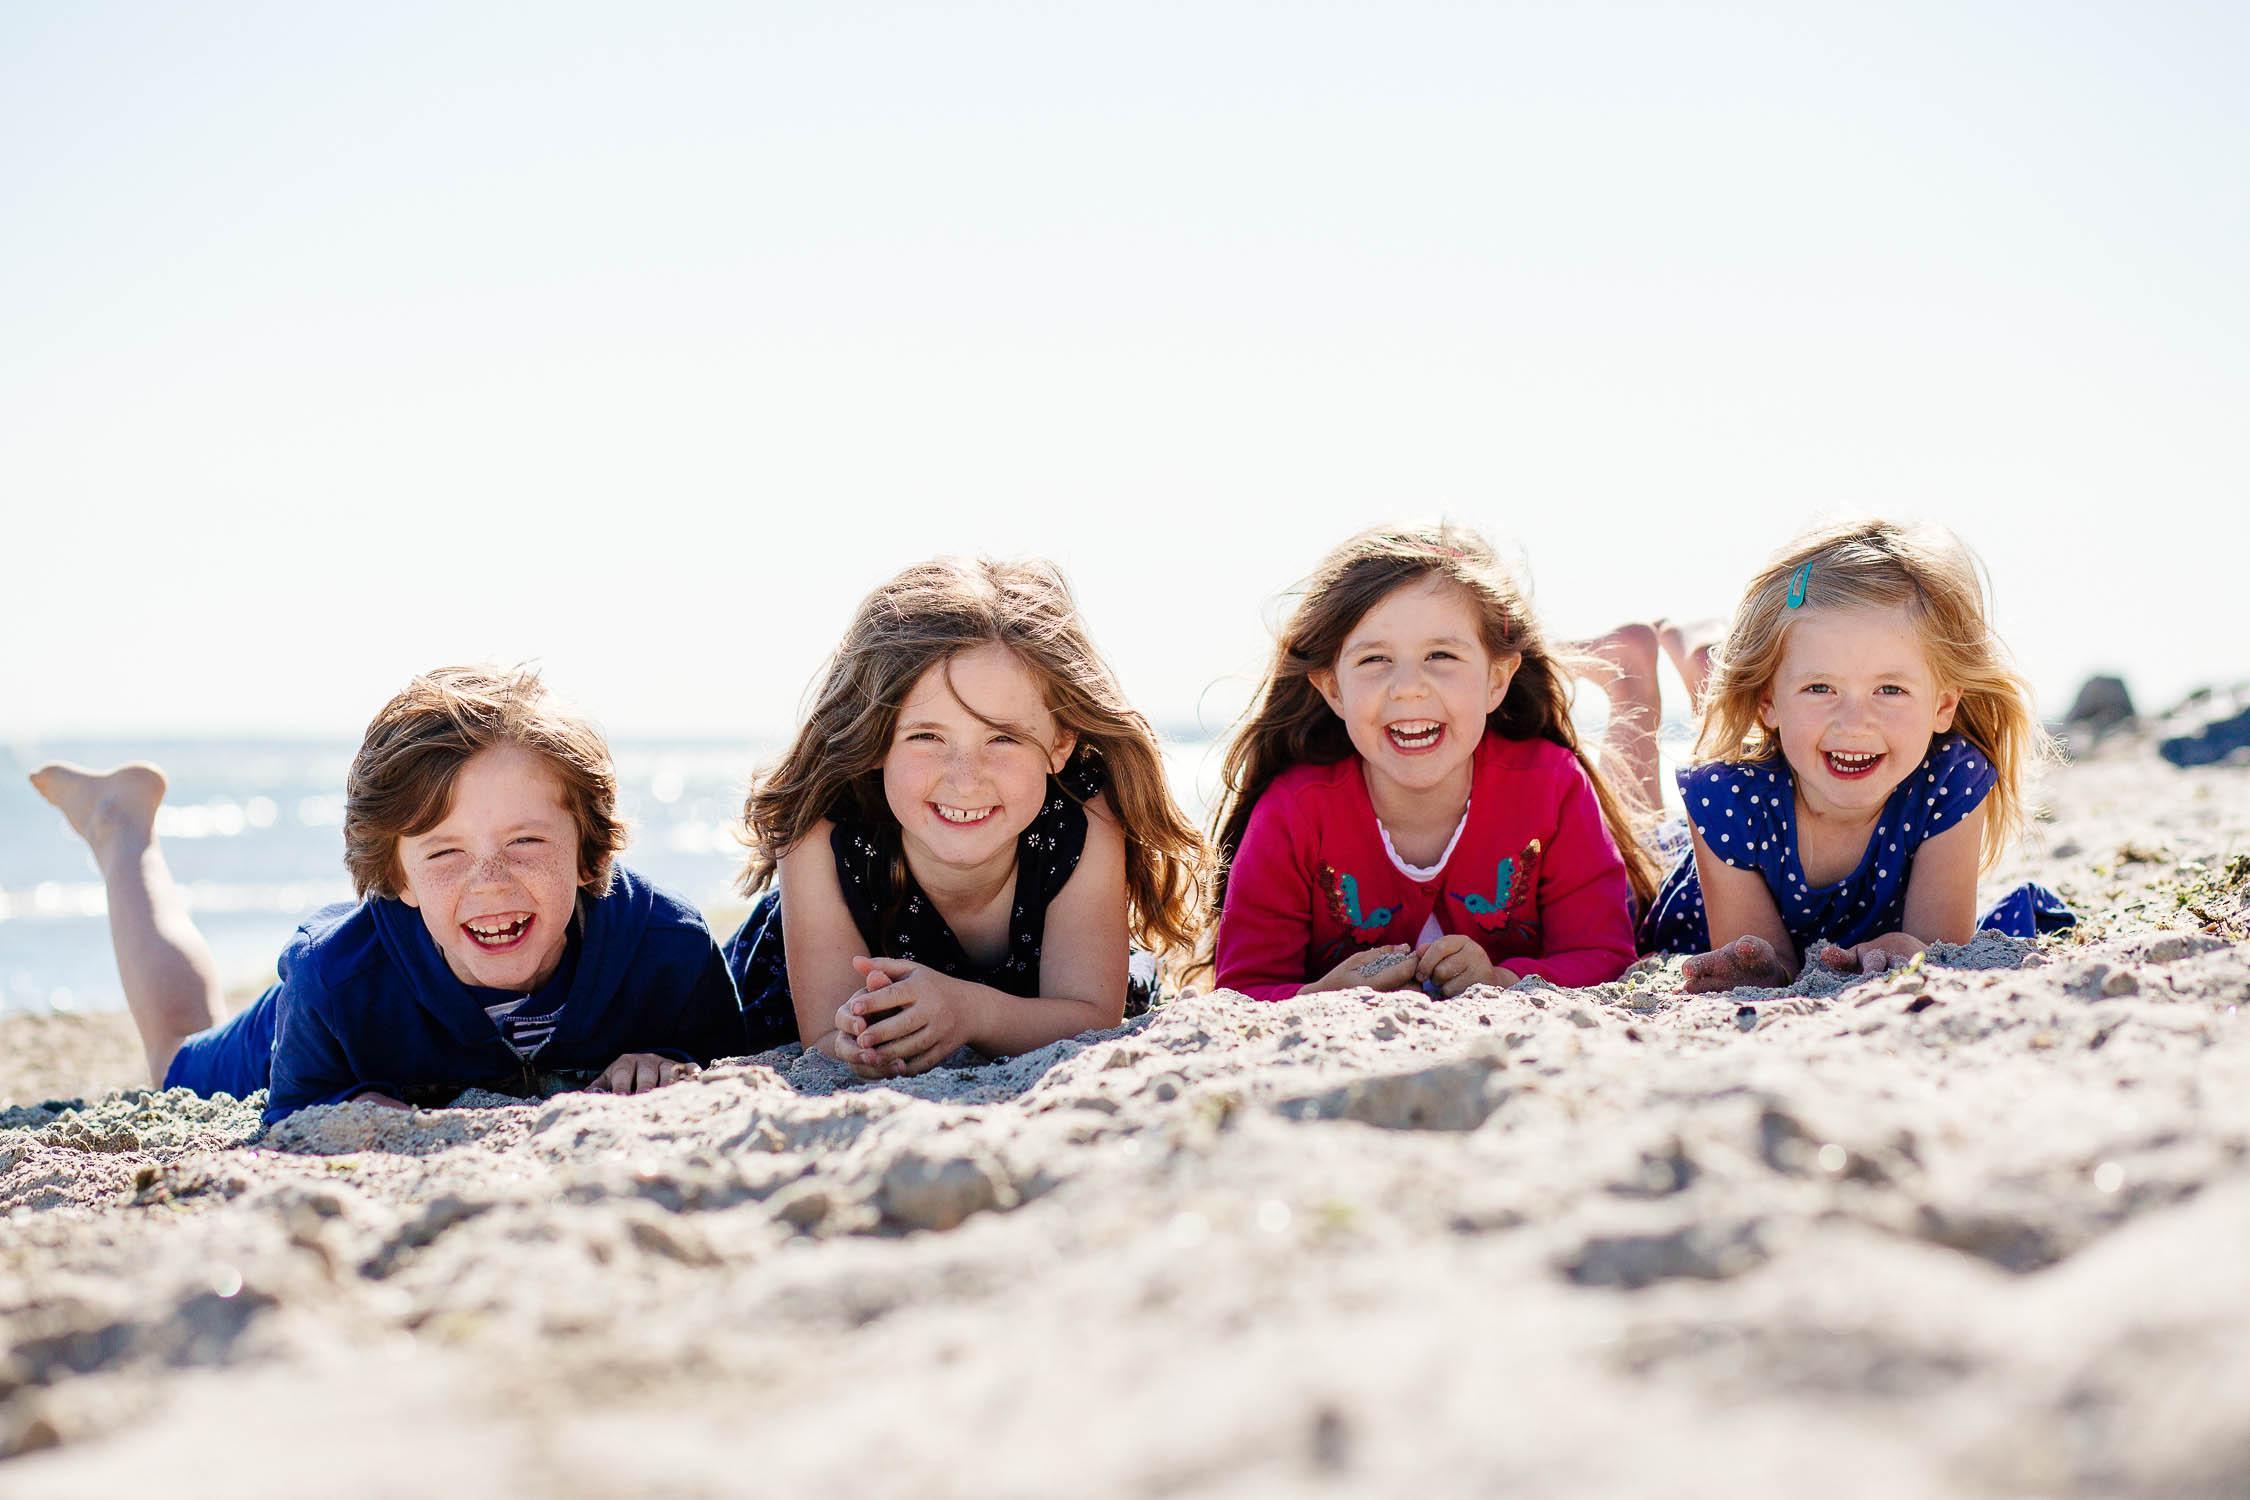 Familien Fotoshooting in Pelzerhaken 34